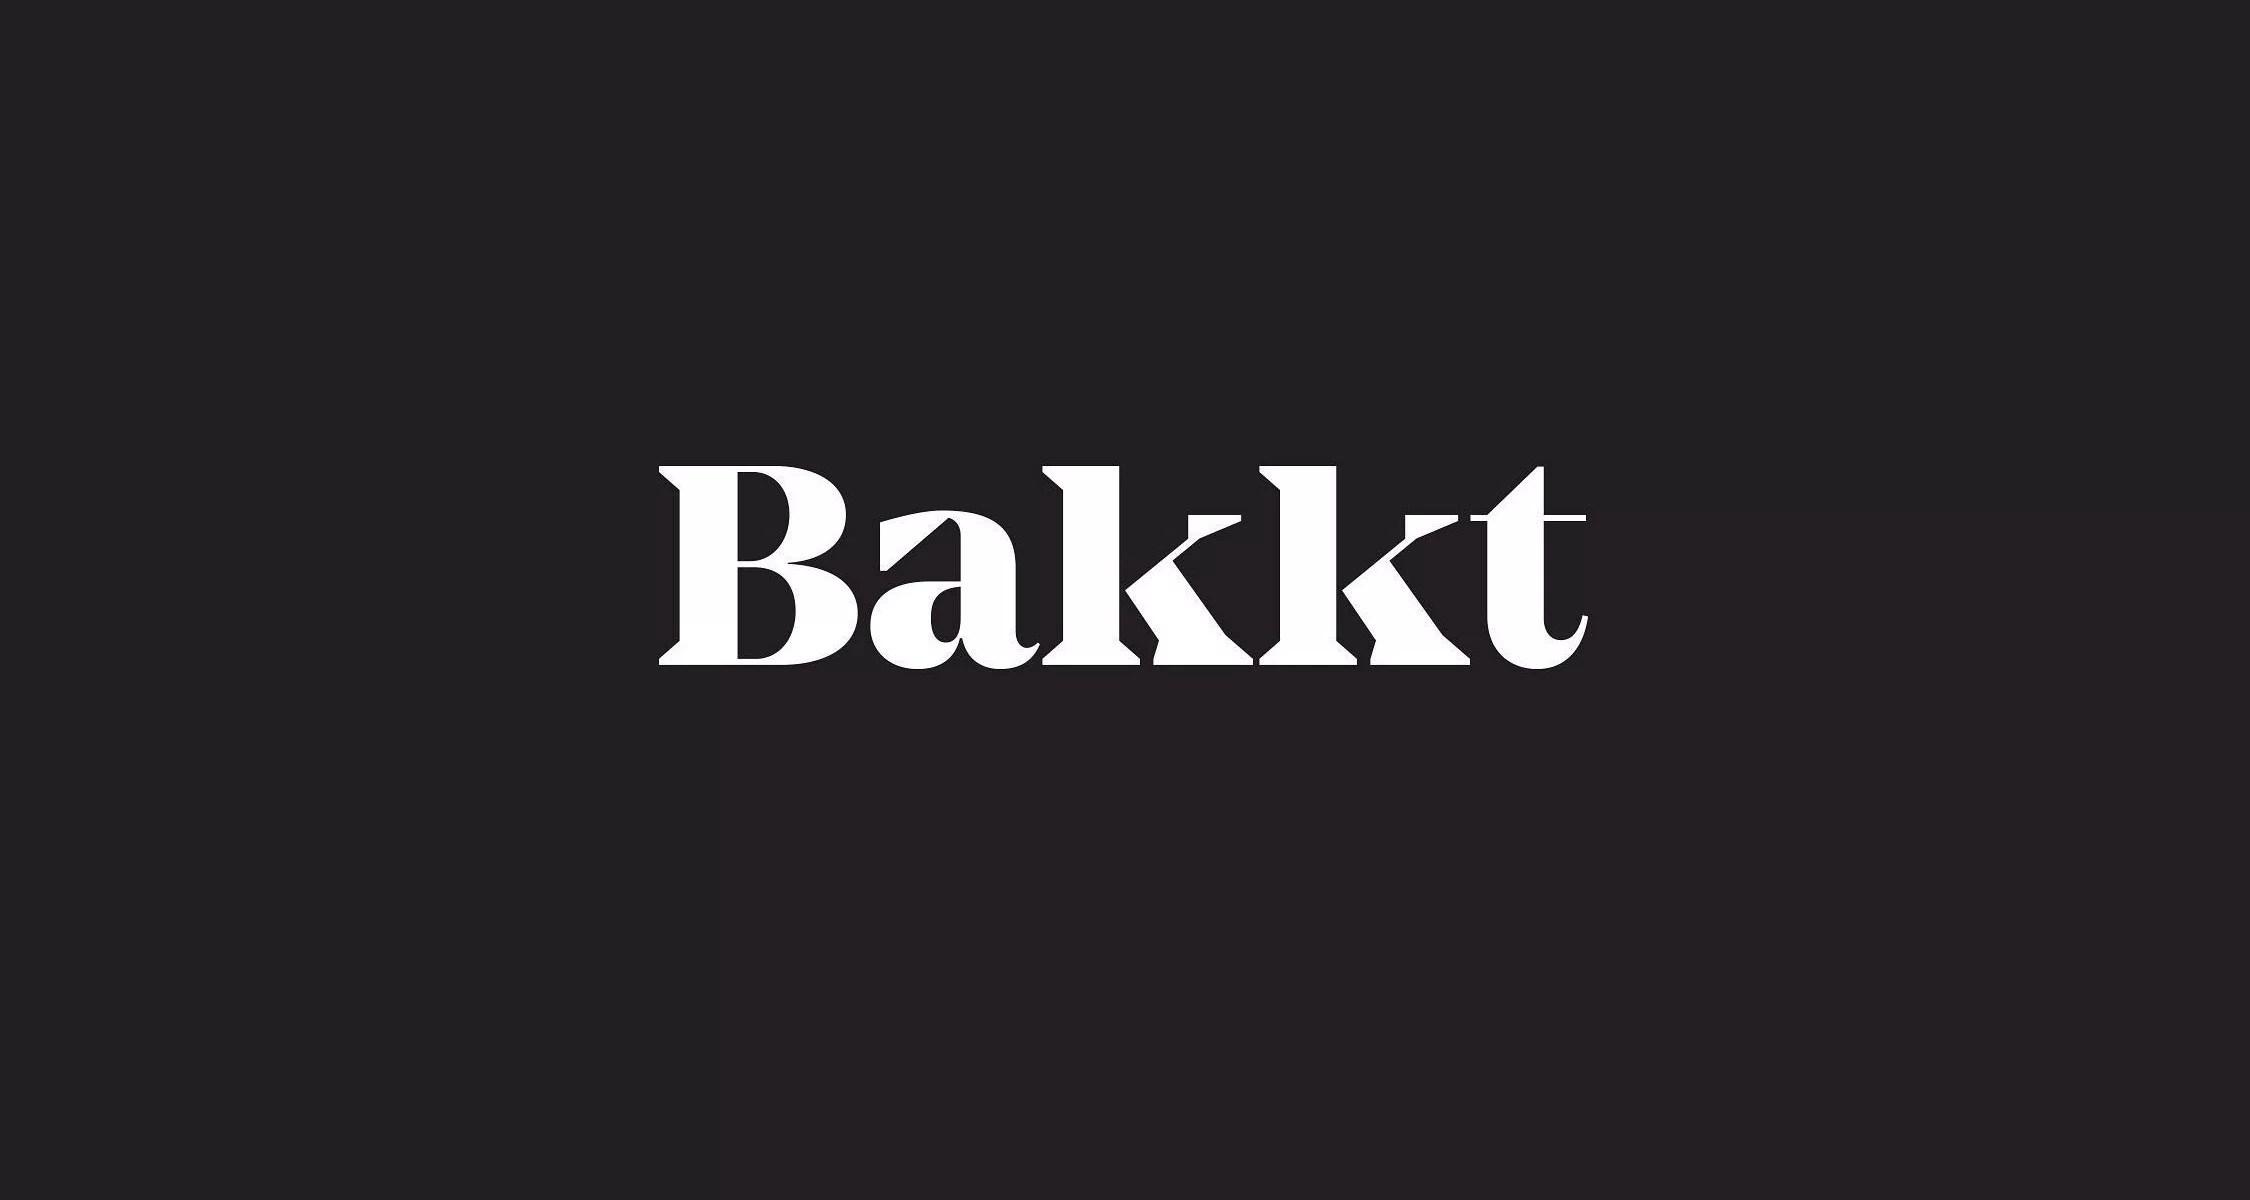 Bakkt adquiere una firma de custodia criptográfica y sigue apostando por la aprobación regulatoria